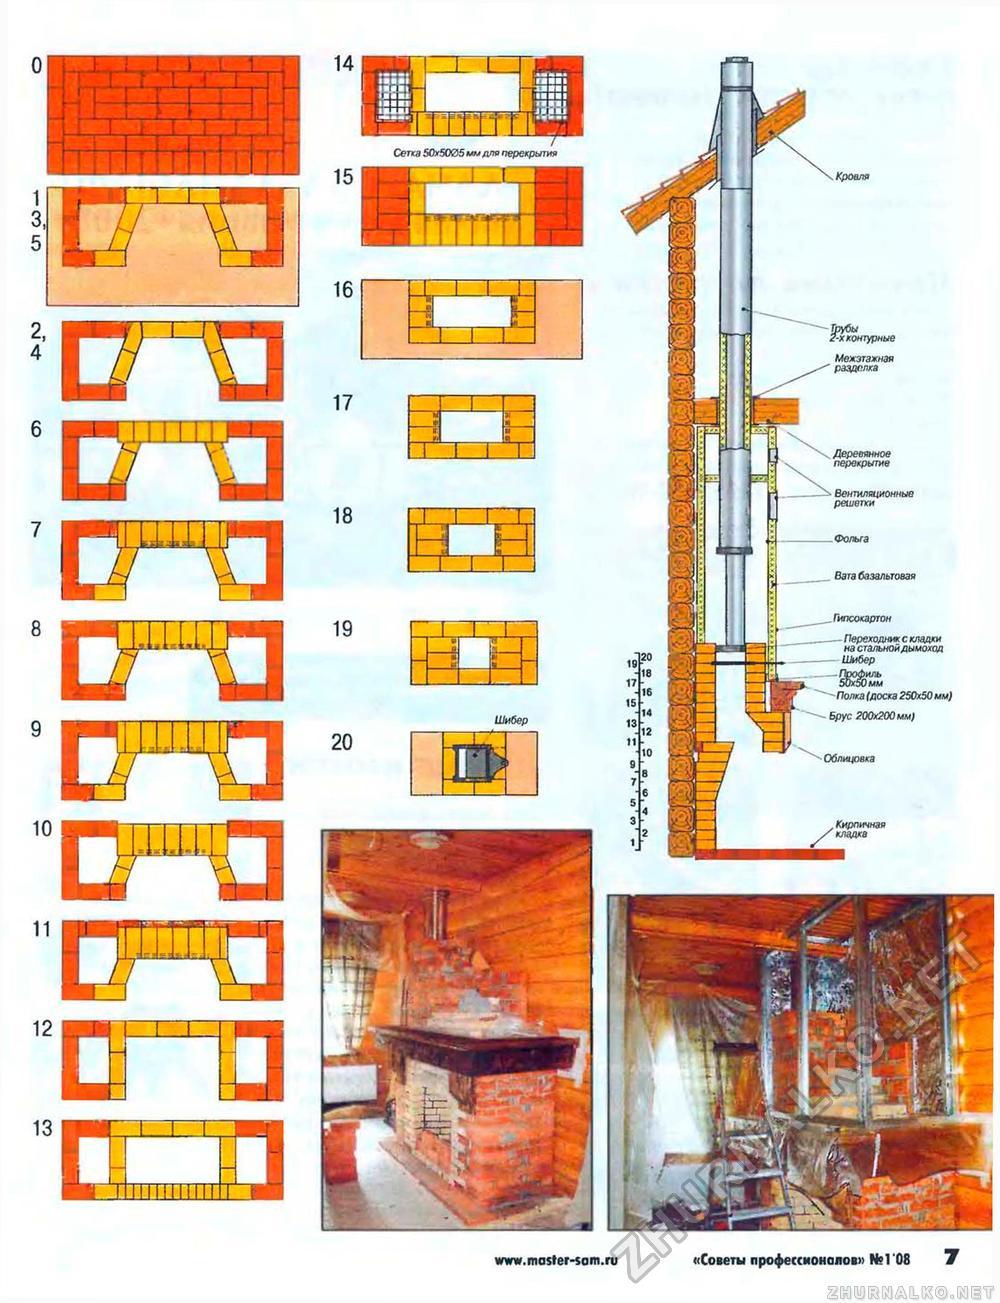 Канальная схема дымохода